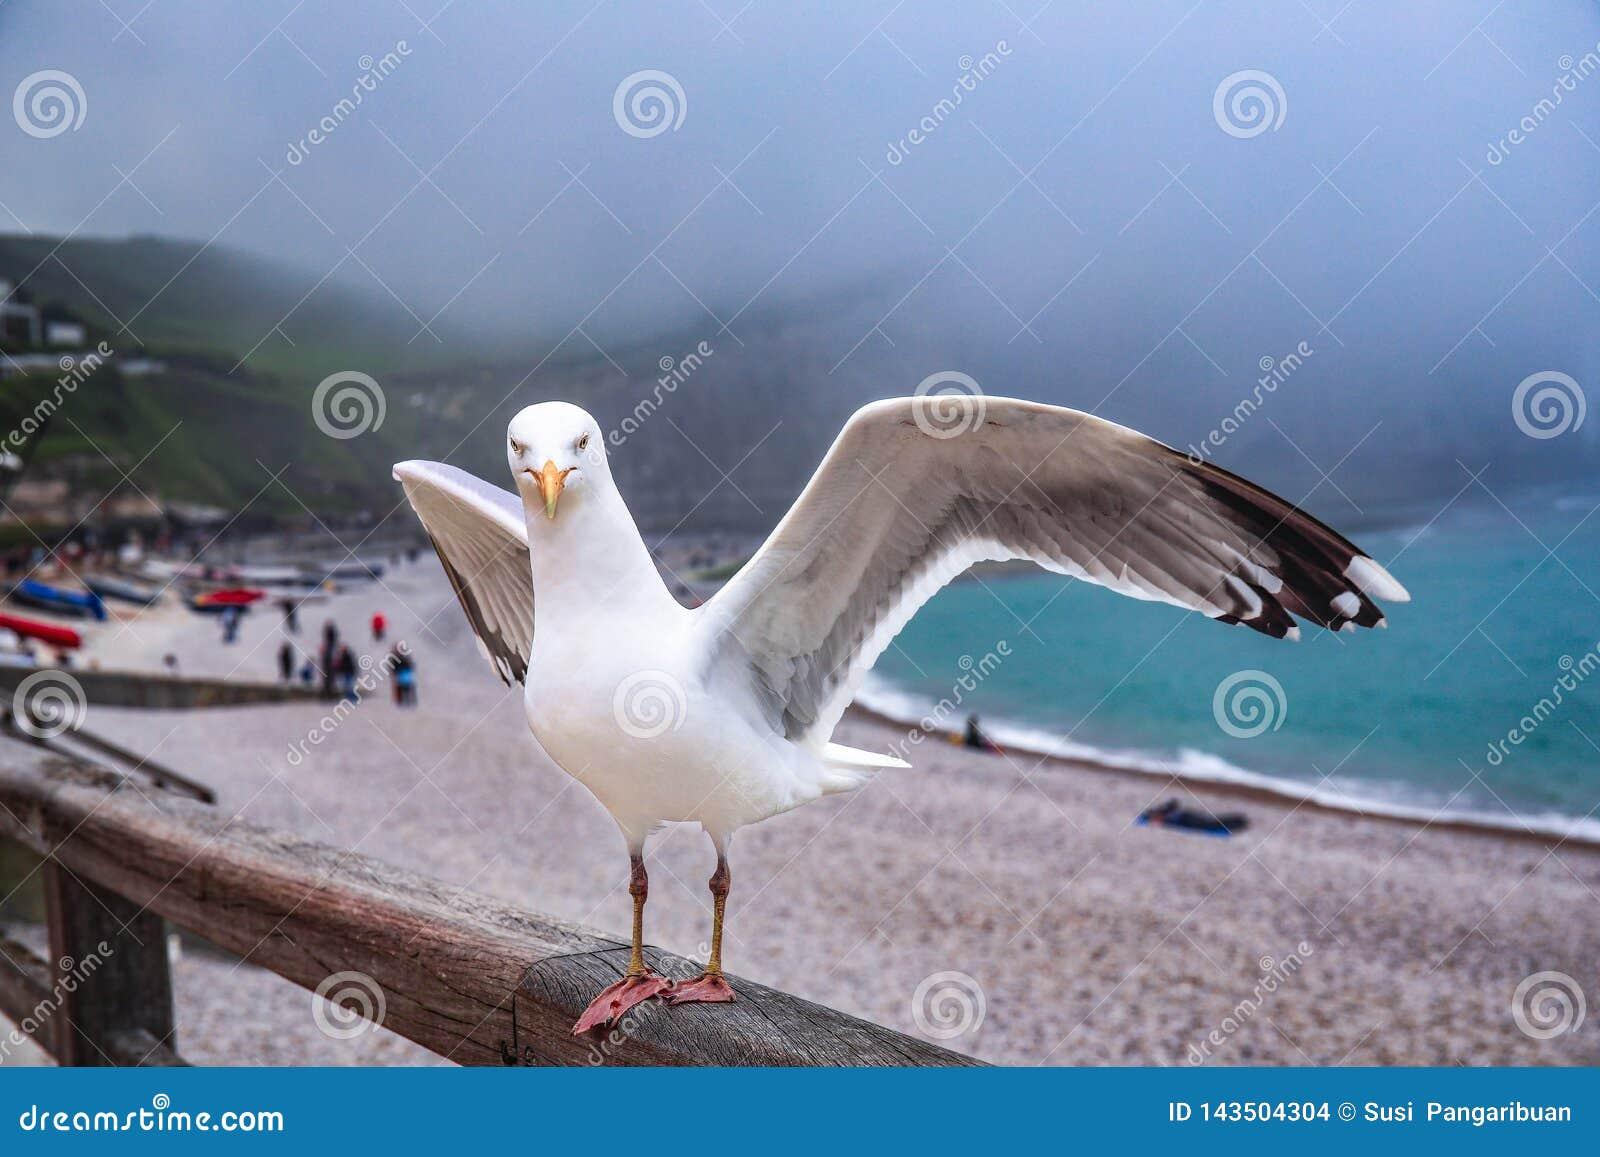 O pássaro quer voar através do vento